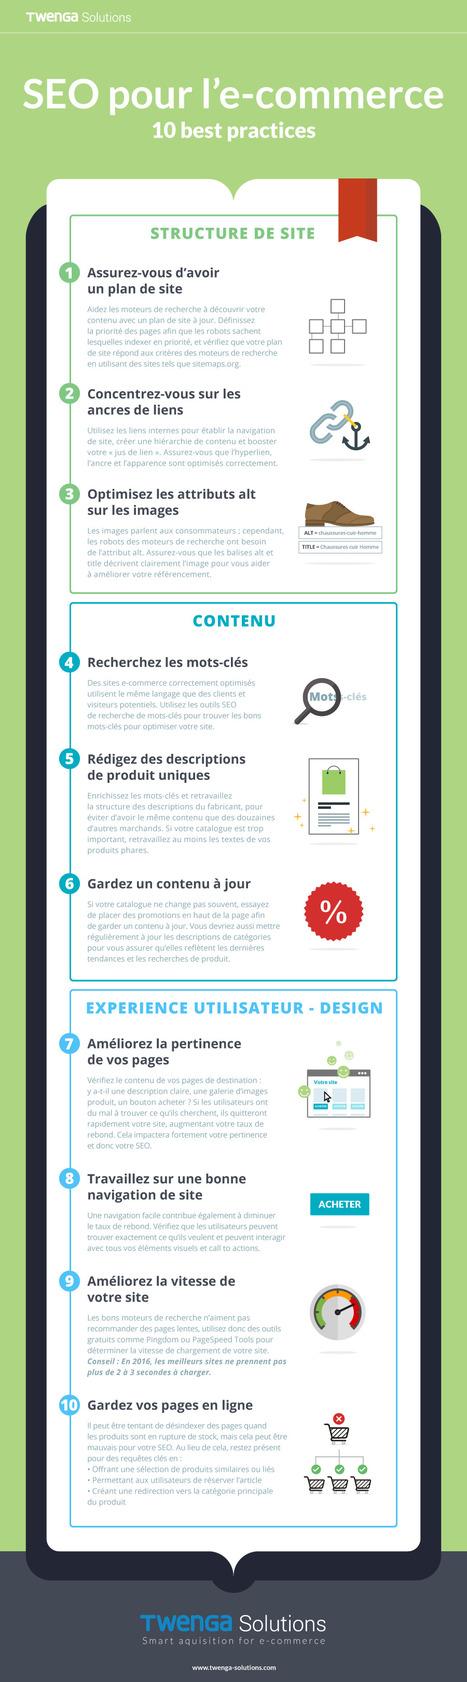 [Infographie] 10 conseils pour améliorer le SEO de votre site e-commerce | SEO SEA SEM - Référencement Naturel & Payant | Scoop.it